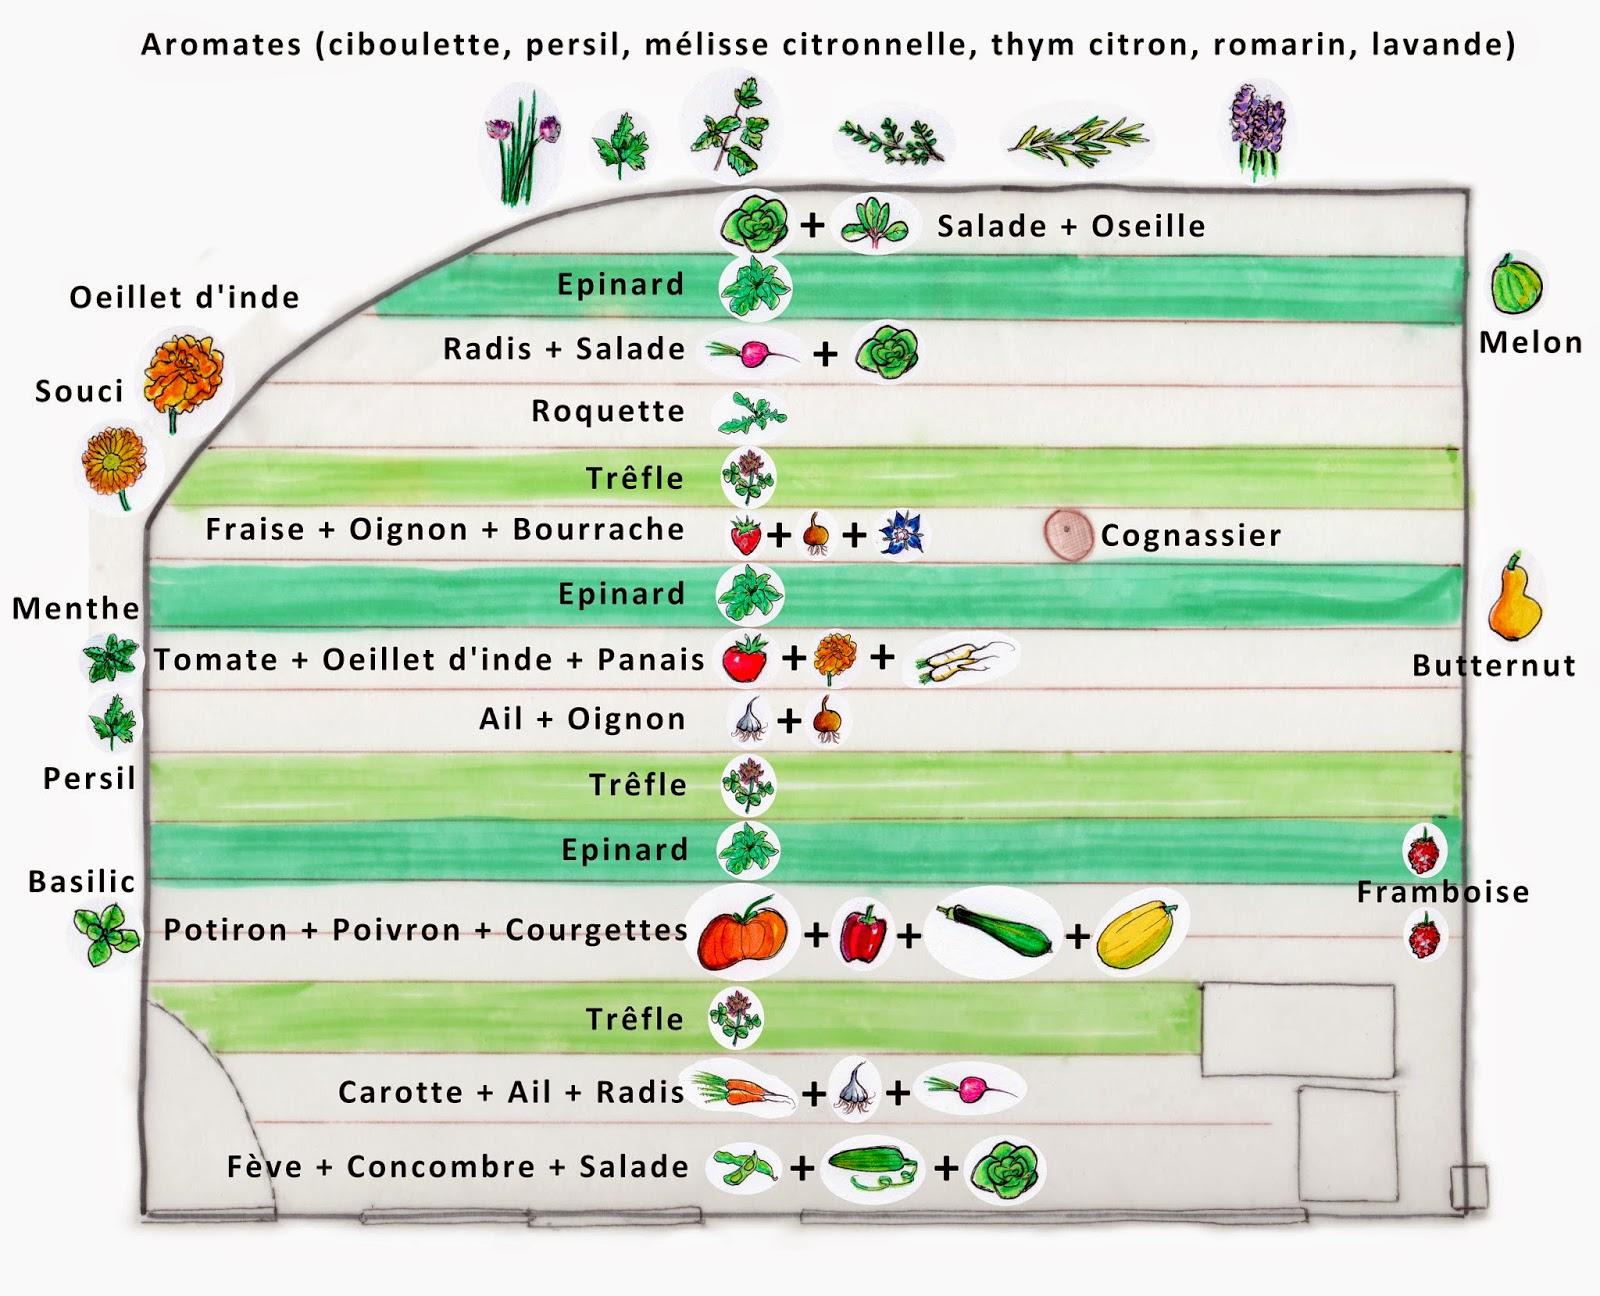 Association des cultures et plantes plantes semences - Association des legumes au potager ...